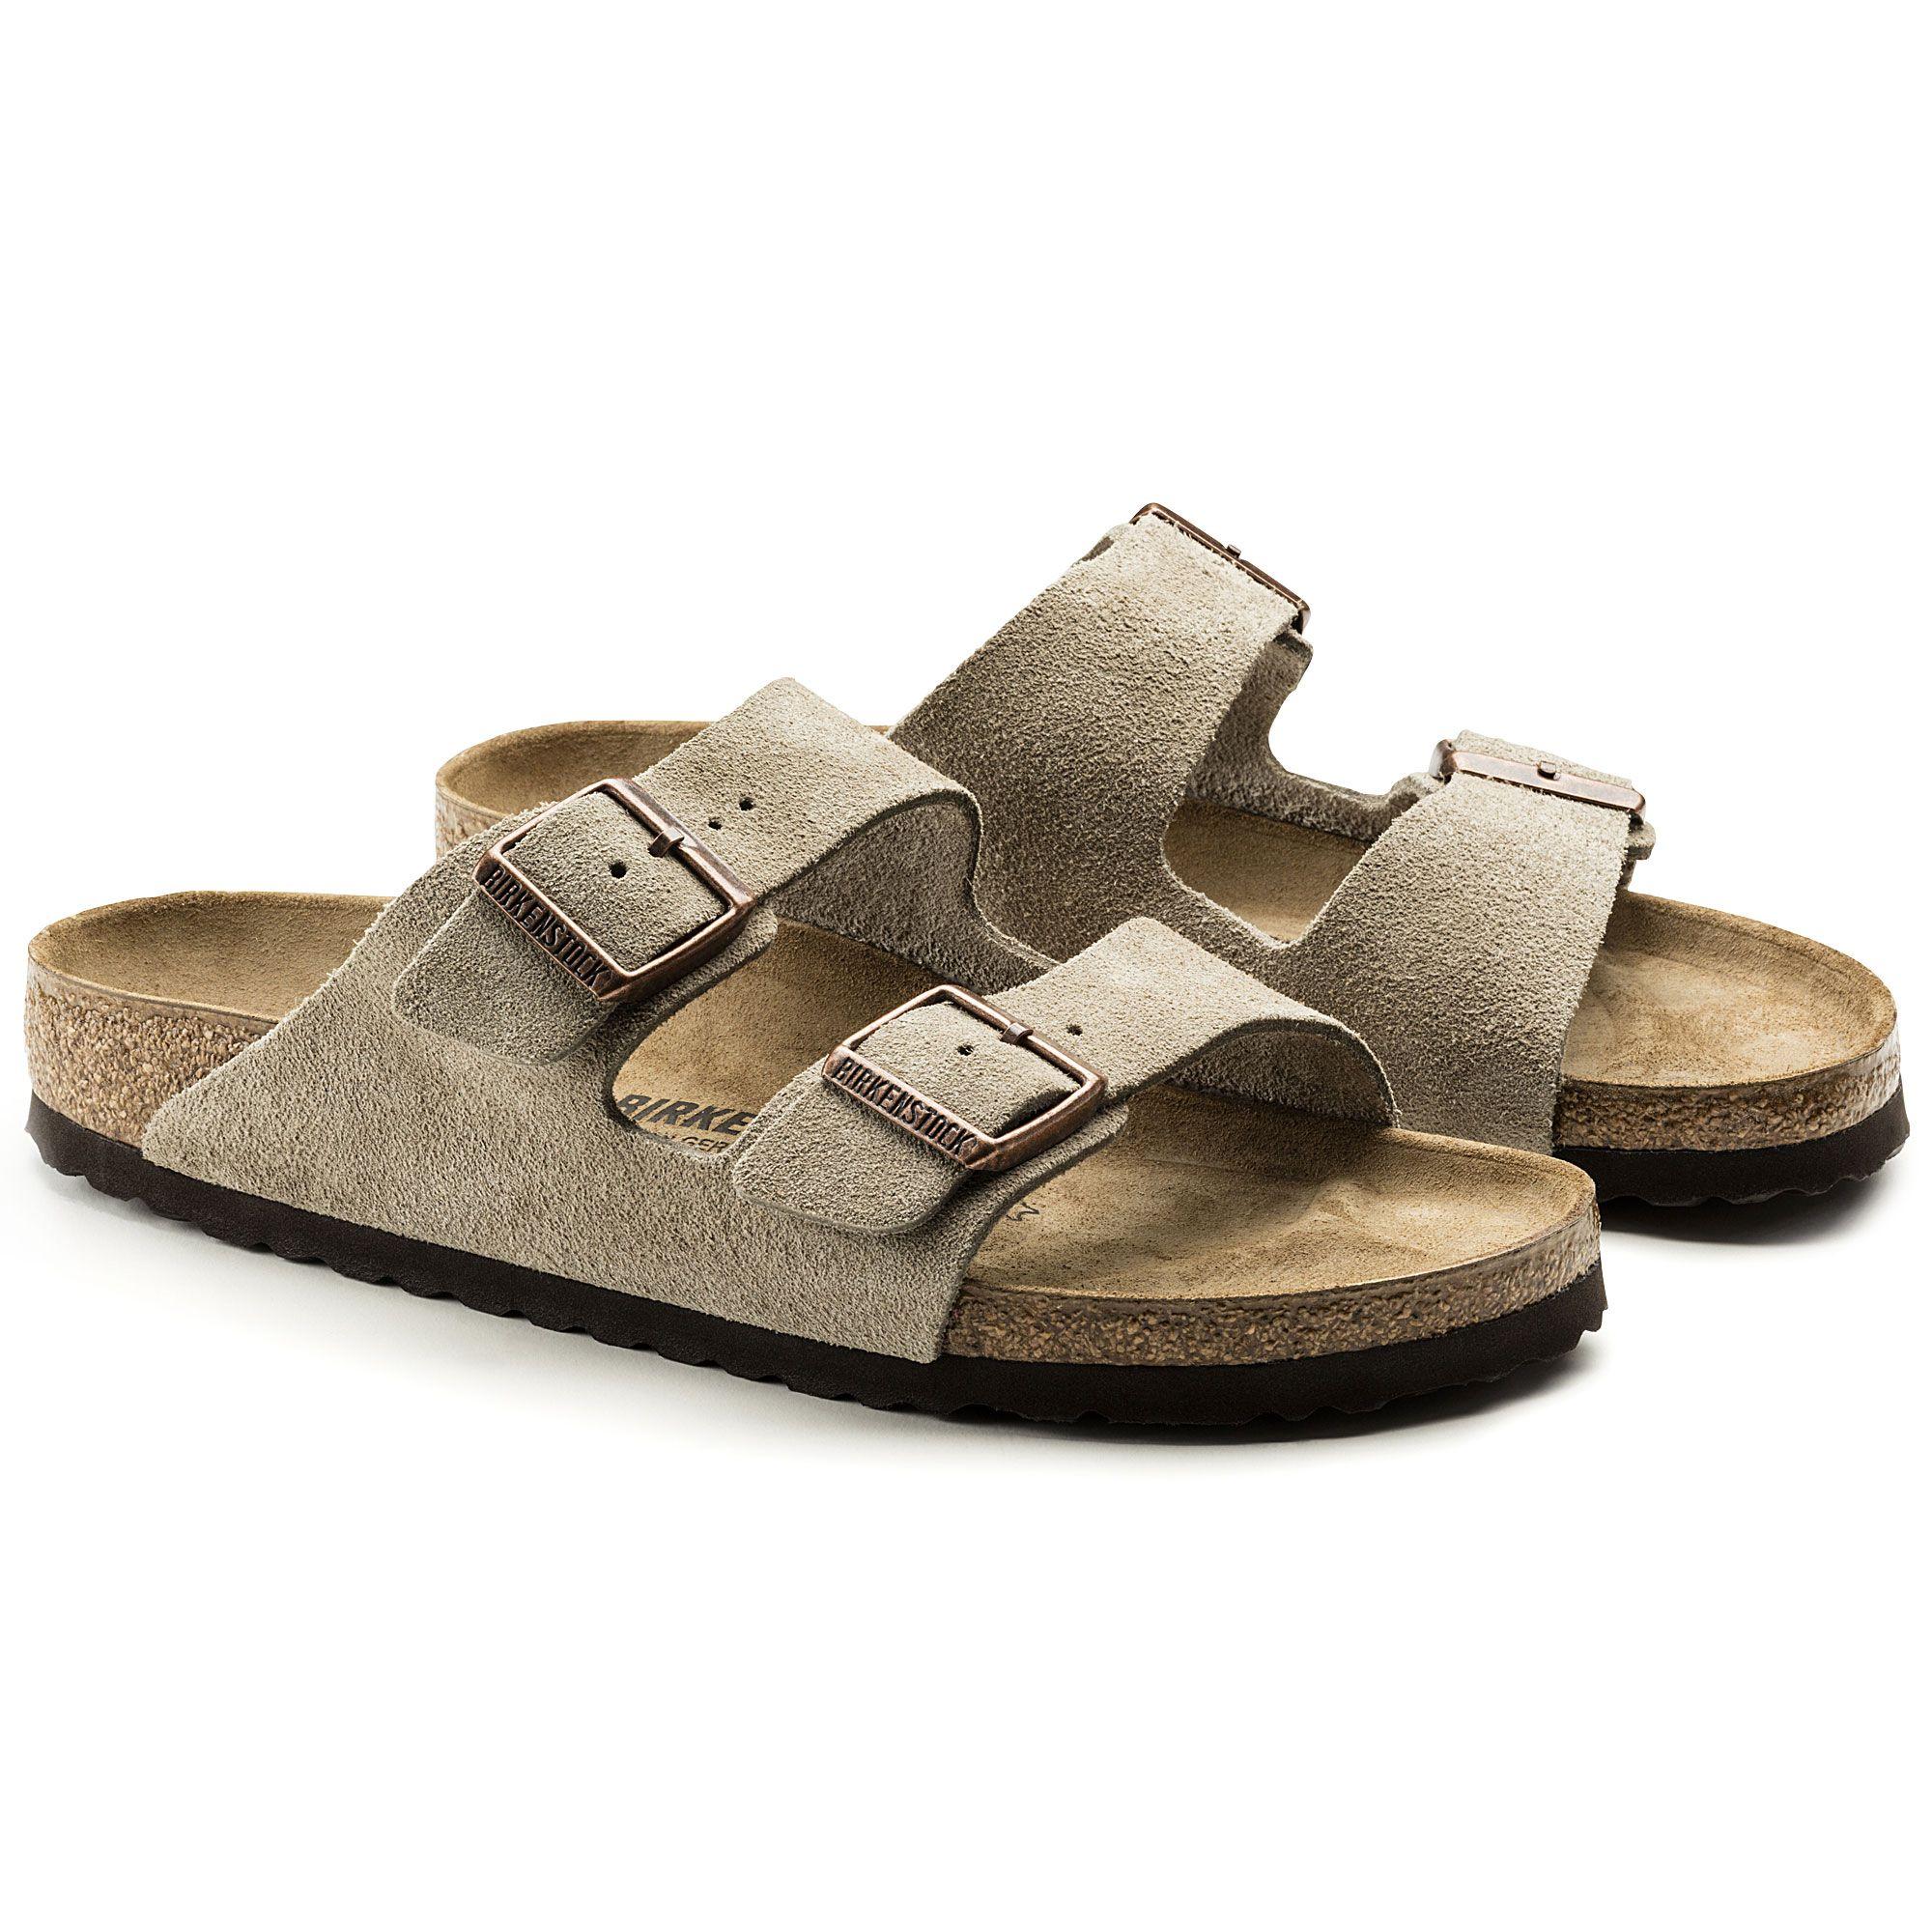 Zapatos grises de verano formales Birkenstock Arizona para mujer 8ozy7rZ3d